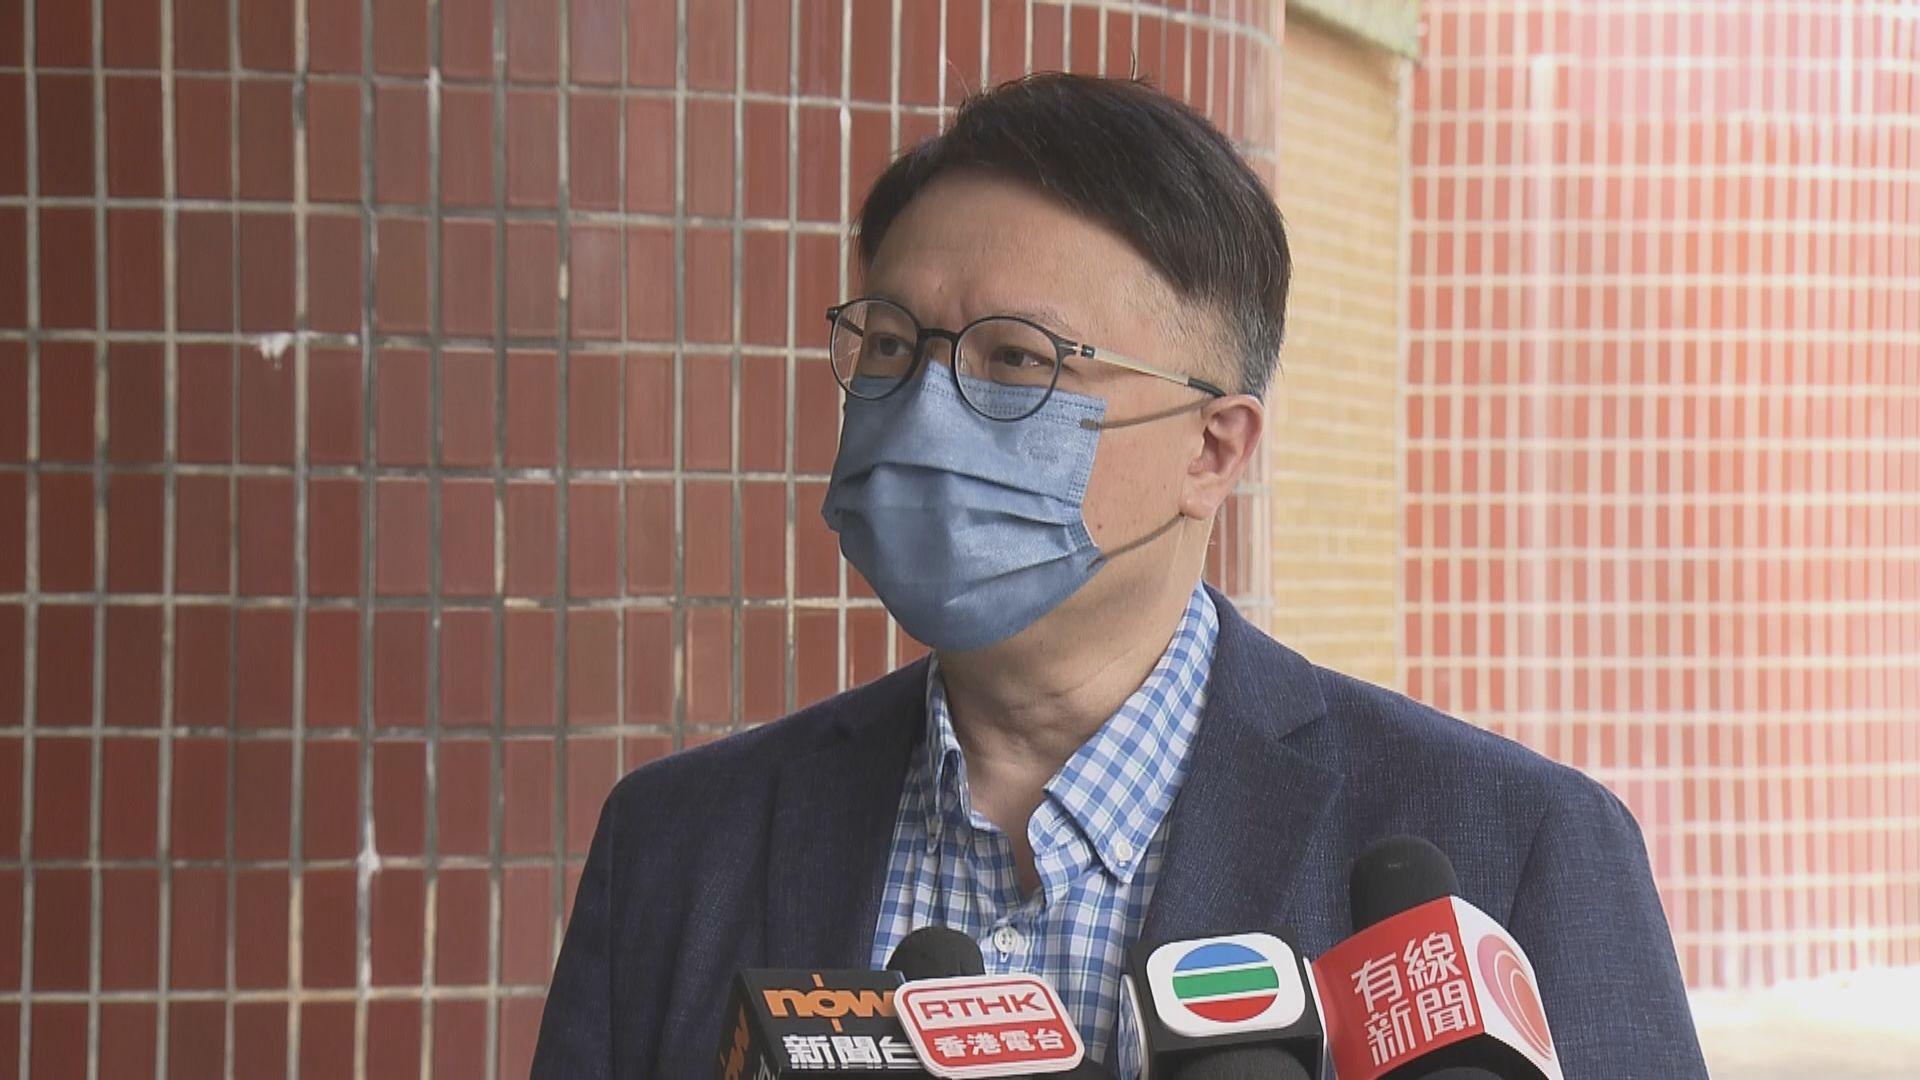 許樹昌:香港很大機會跟隨世衛建議同步接種新冠及流感疫苗